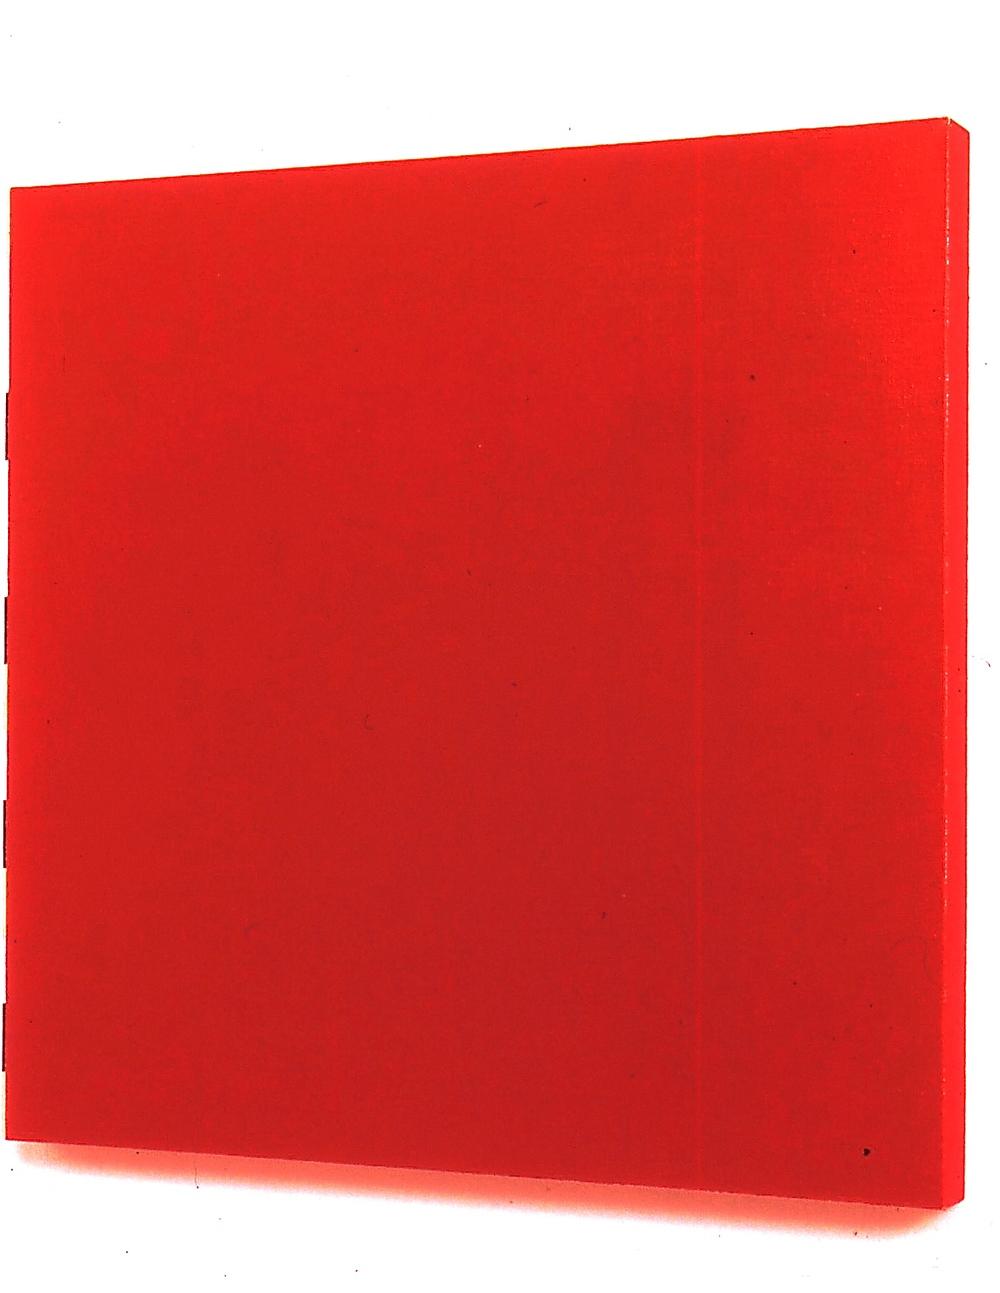 """Joe Slovo, 1991, oil on linen, 28""""x28""""x2"""""""